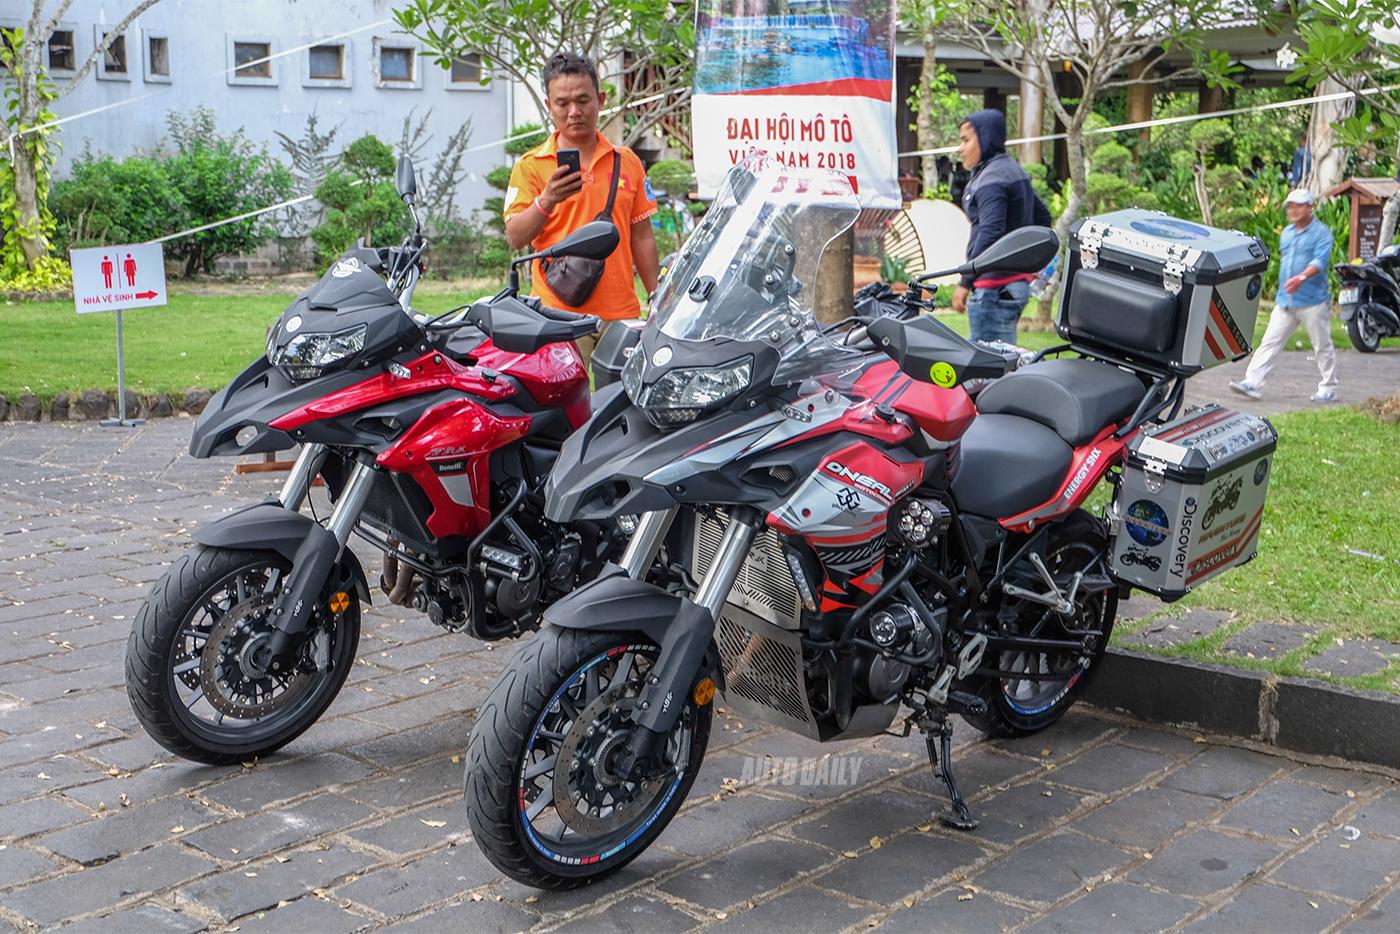 vietnam-motor-festival-2018-28.jpg